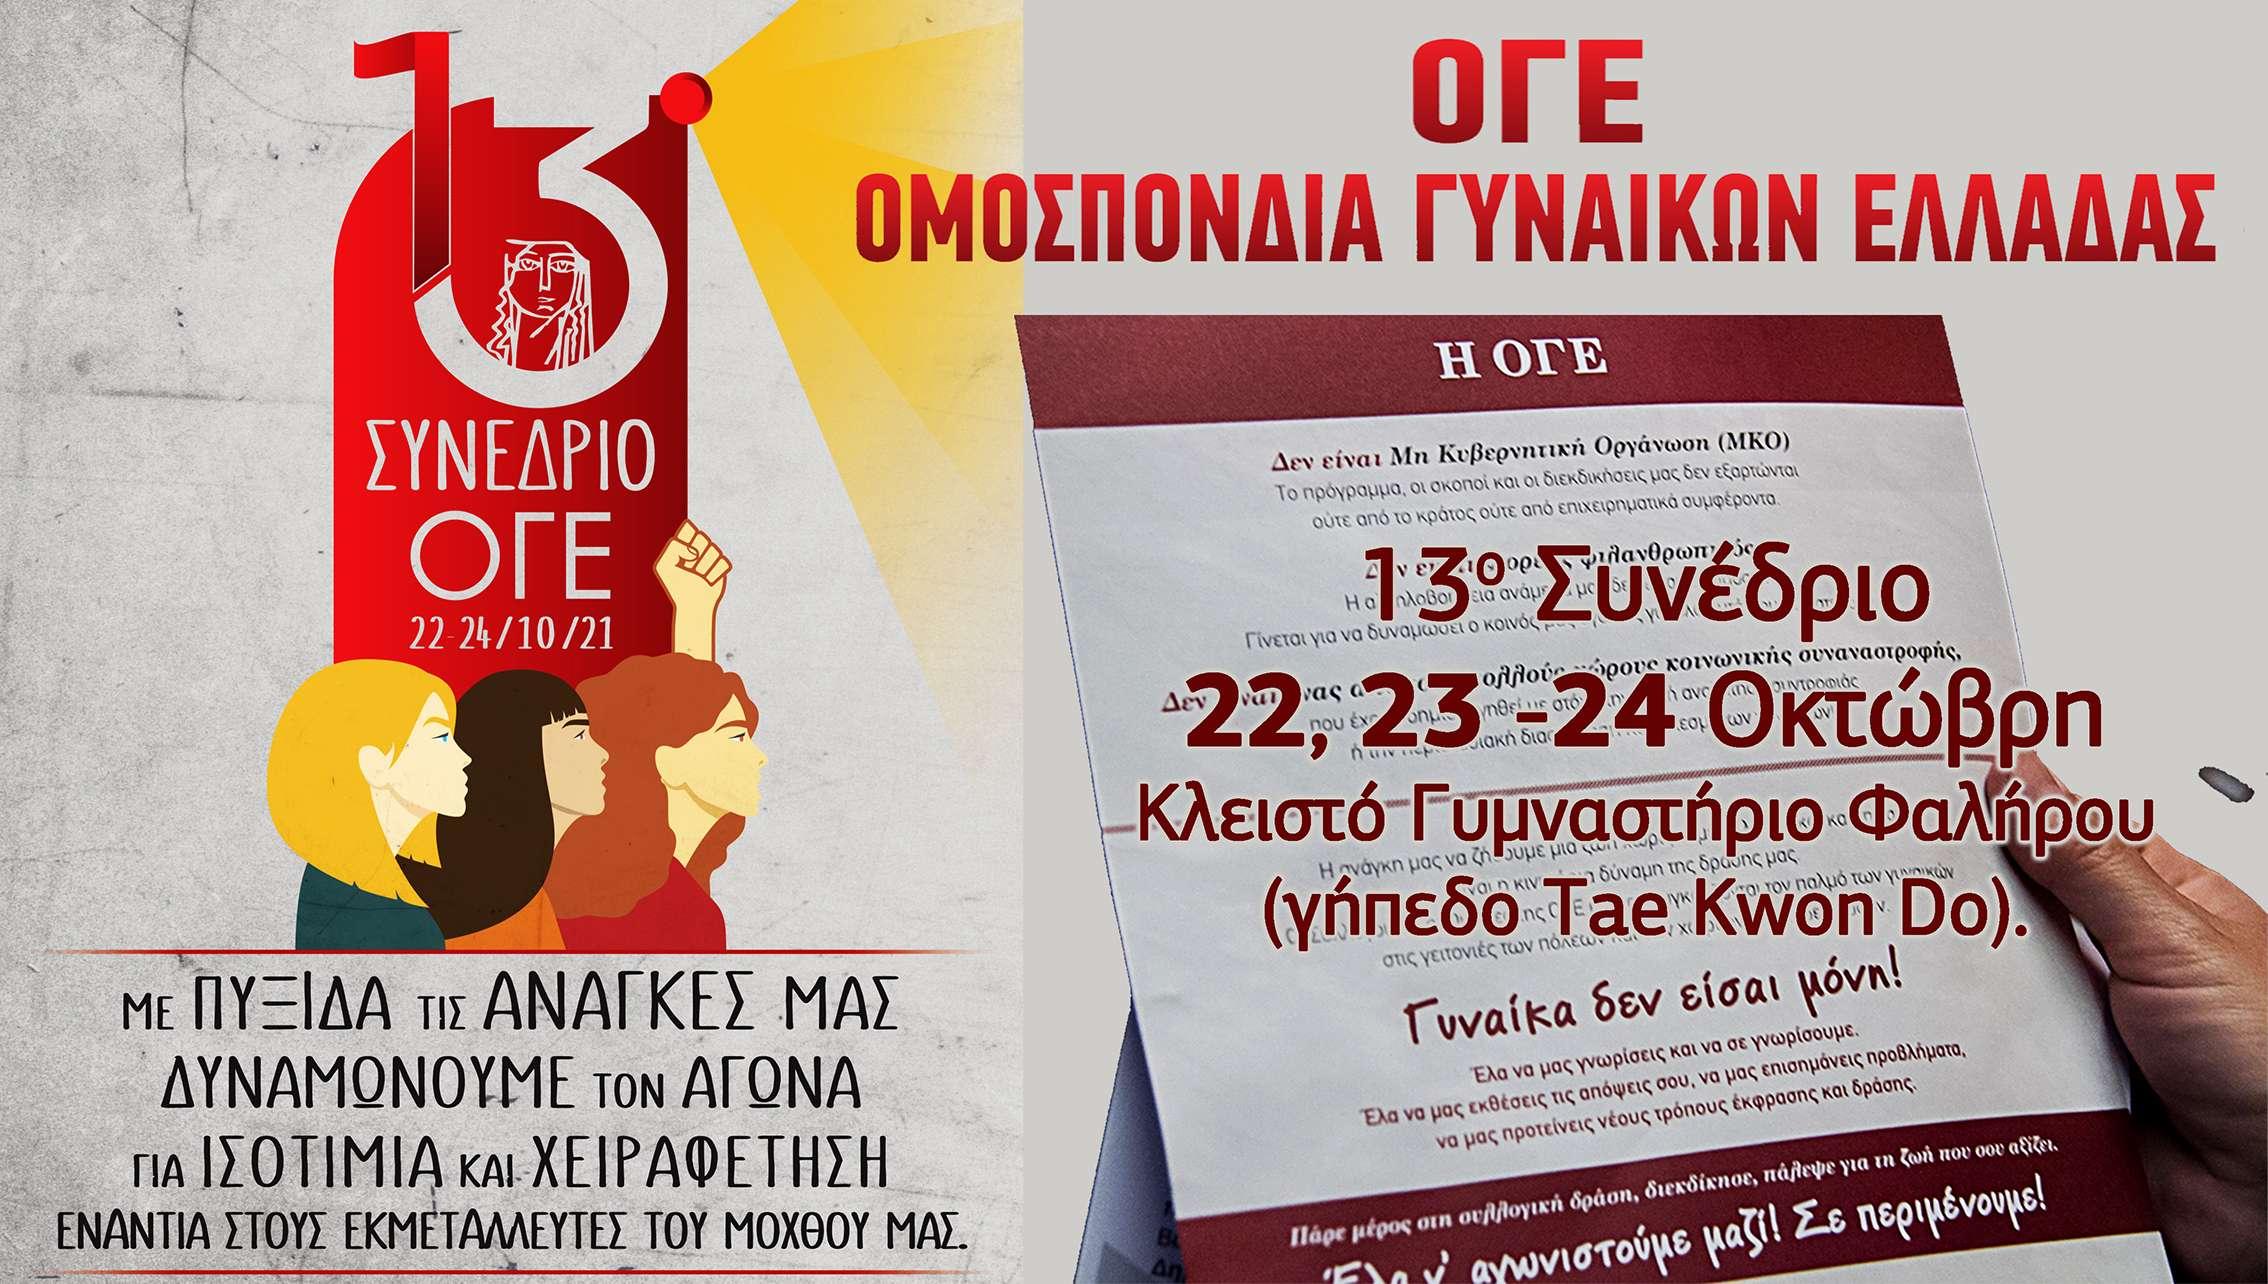 13ο Συνέδριο της Ομοσπονδίας Γυναικών Ελλάδας